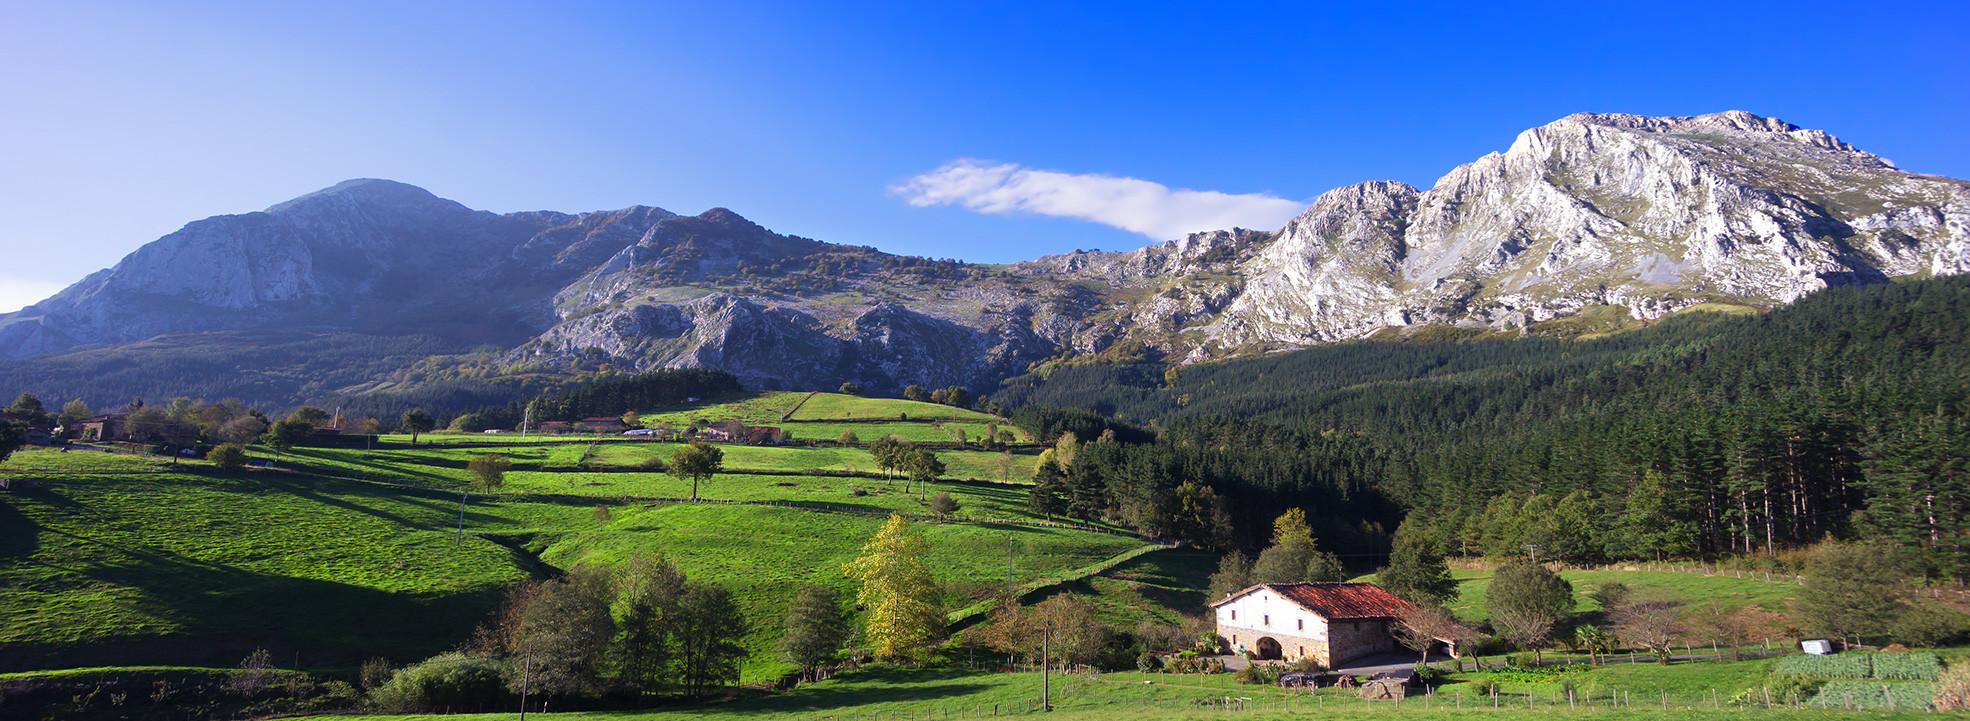 Magníficos paisajes para nuestras montañas vascas